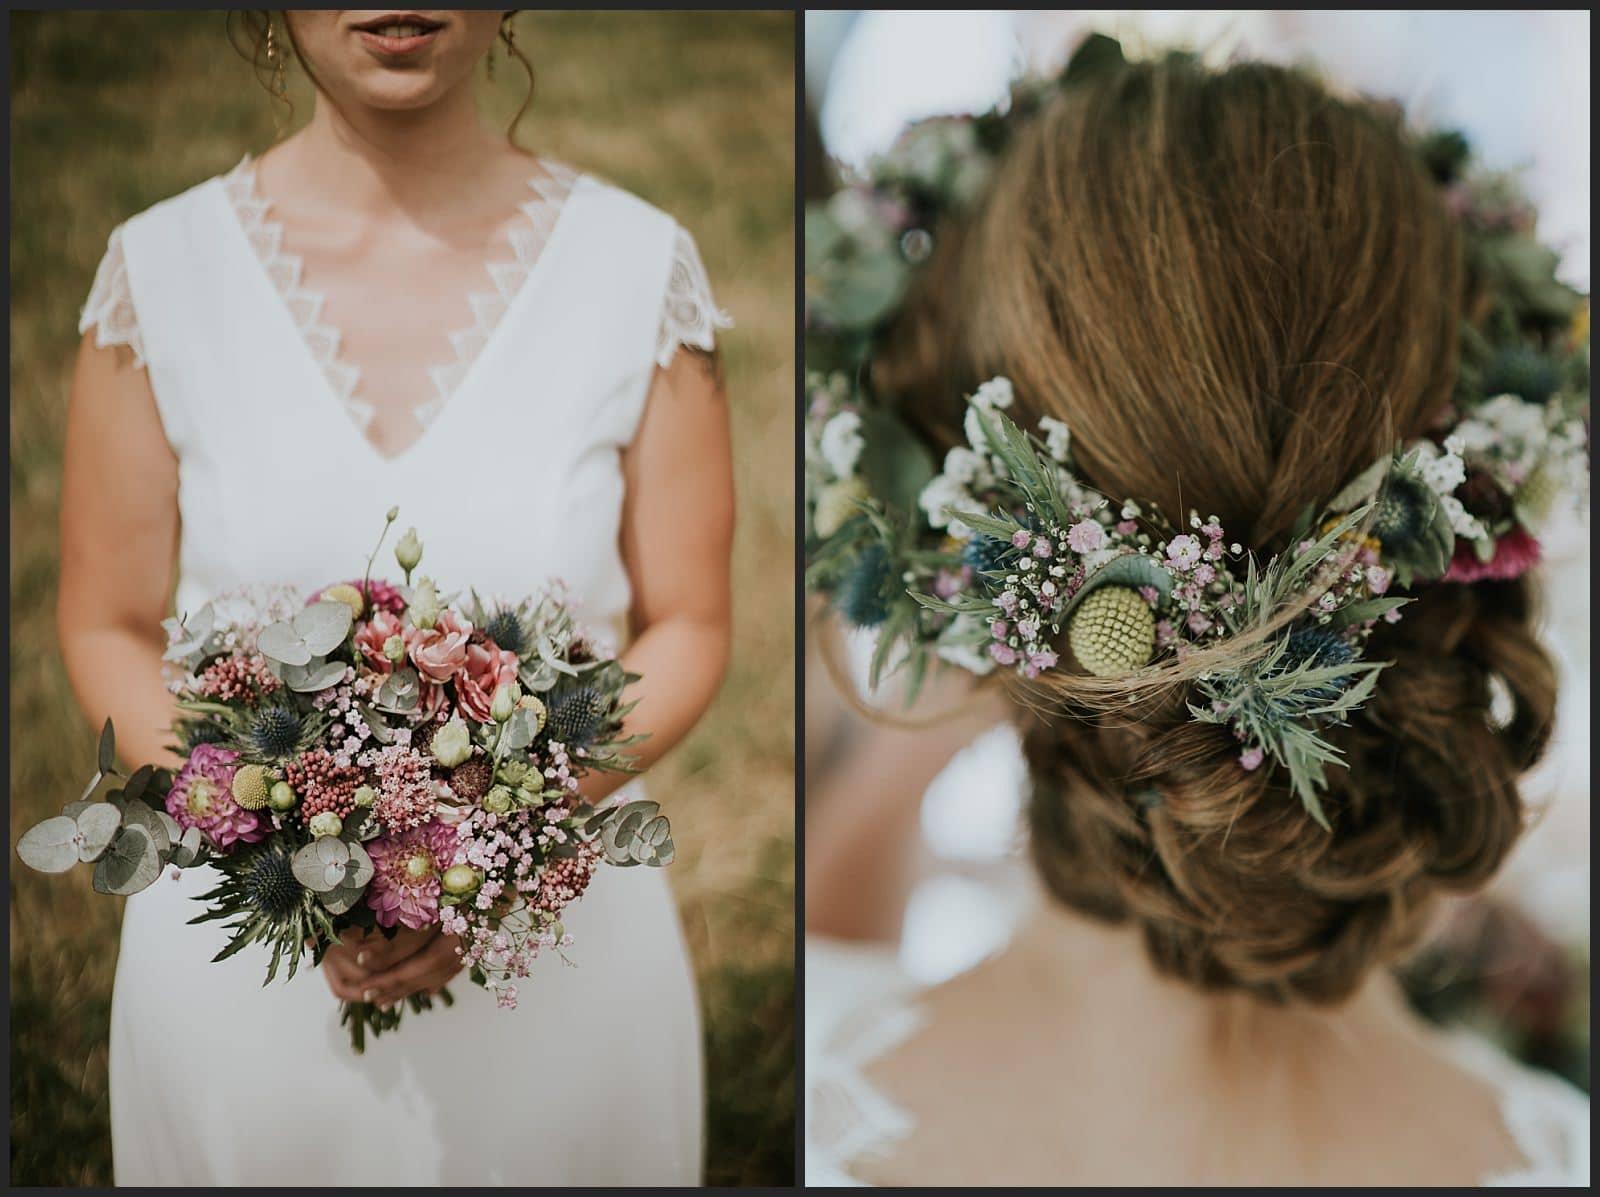 coiffure de la mariée et détails du bouquet de mariée